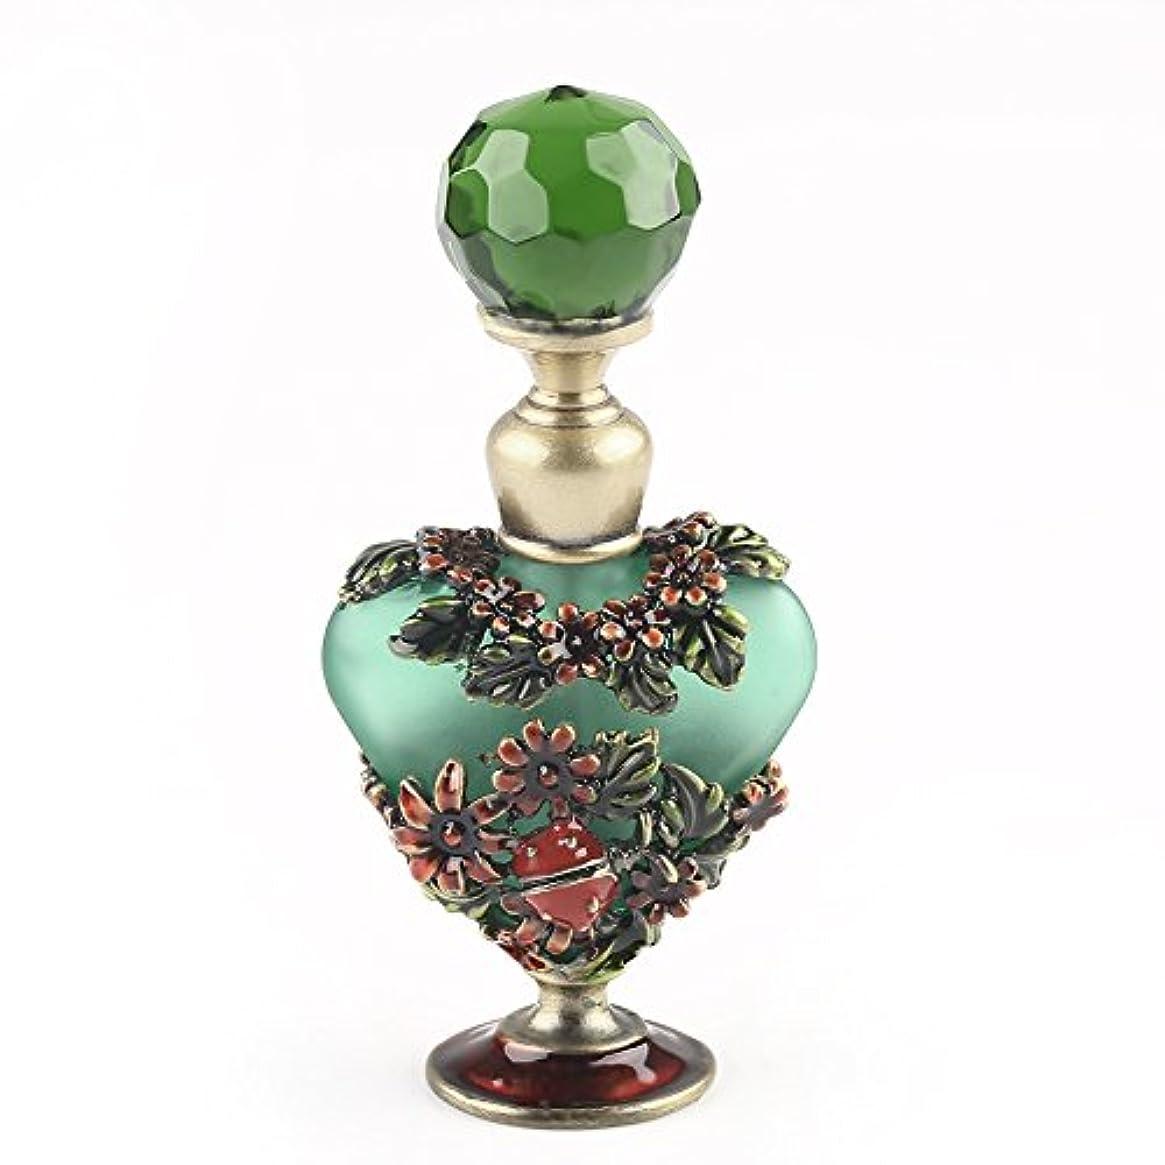 欠点アドバンテージ略奪VERY100 高品質 美しい香水瓶/アロマボトル 5ML アロマオイル用瓶 綺麗アンティーク調 フラワーデザイン プレゼント 結婚式 飾り 70292